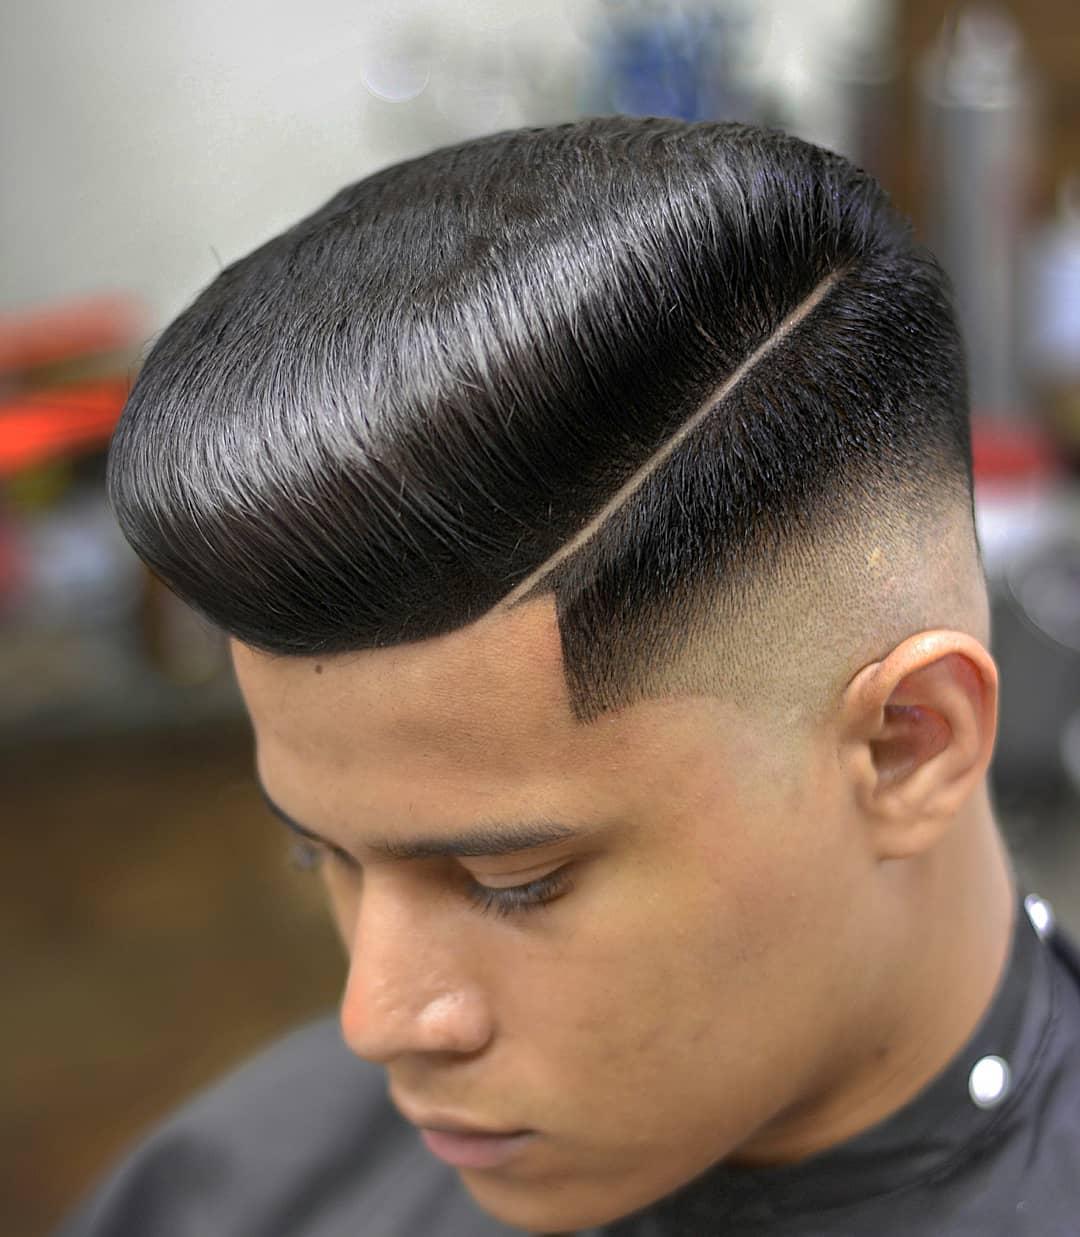 25+ Popular The Pompadour Haircut 2018